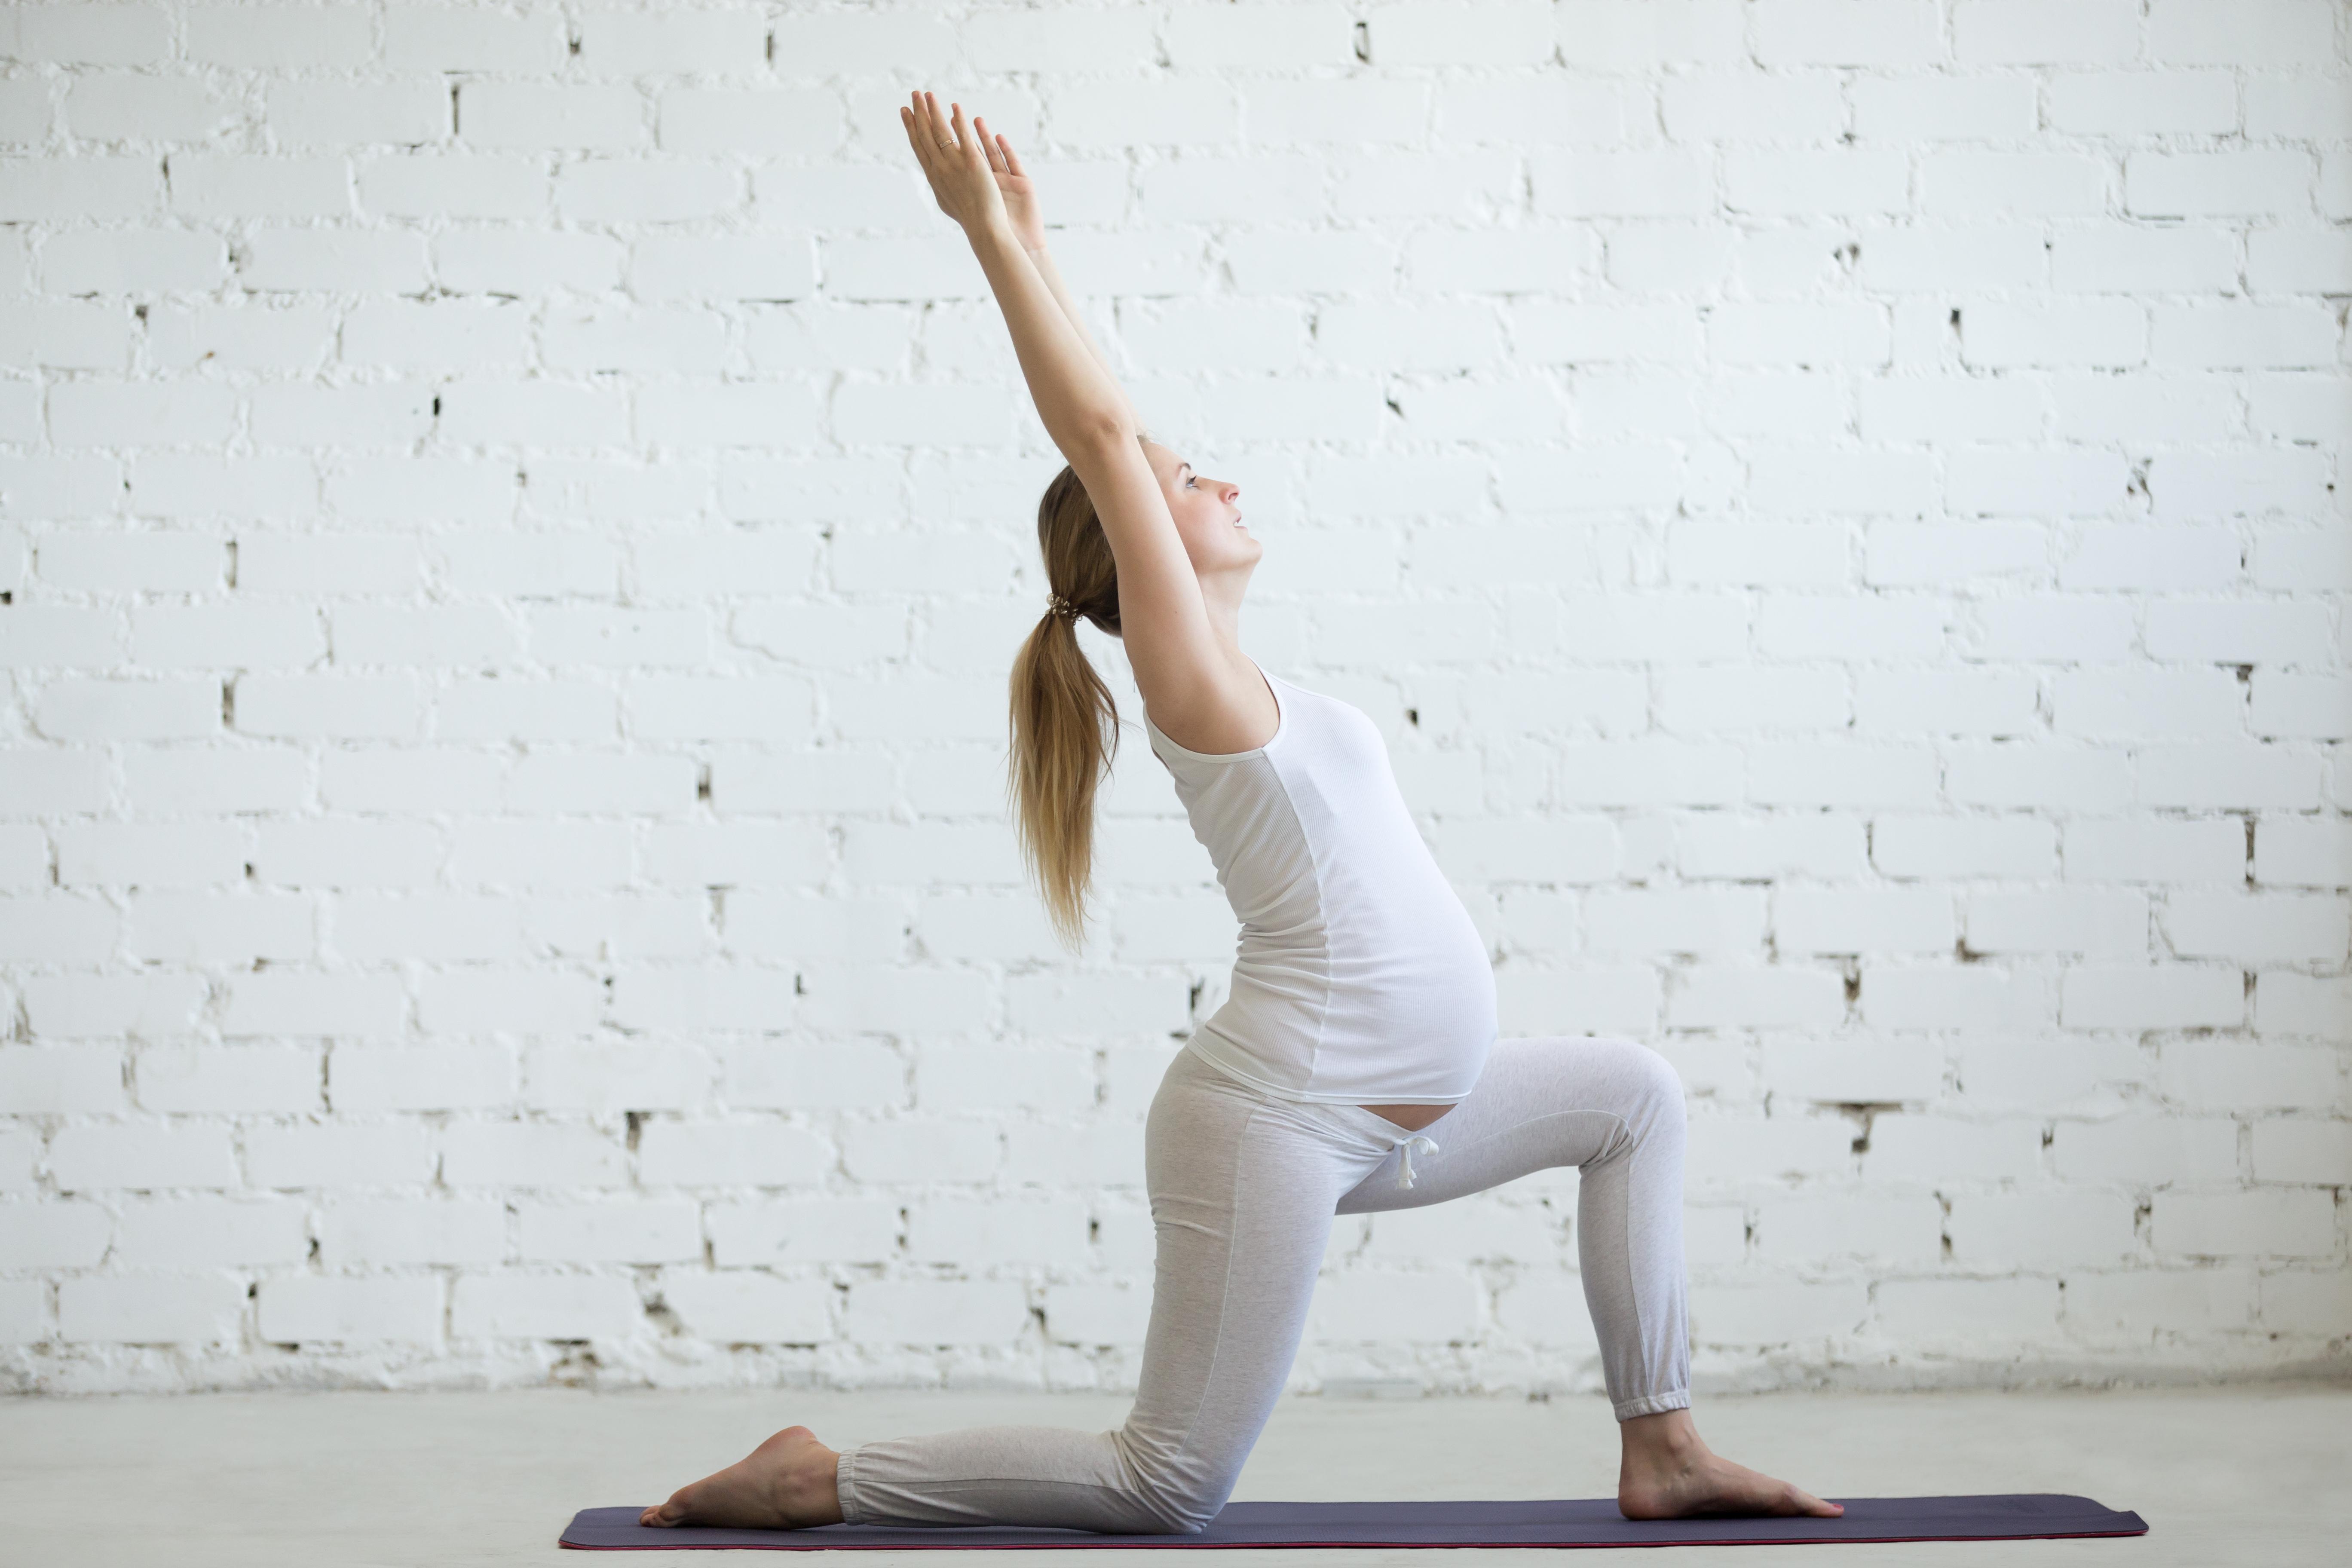 Mujer embarazada realizando una postura de yoga